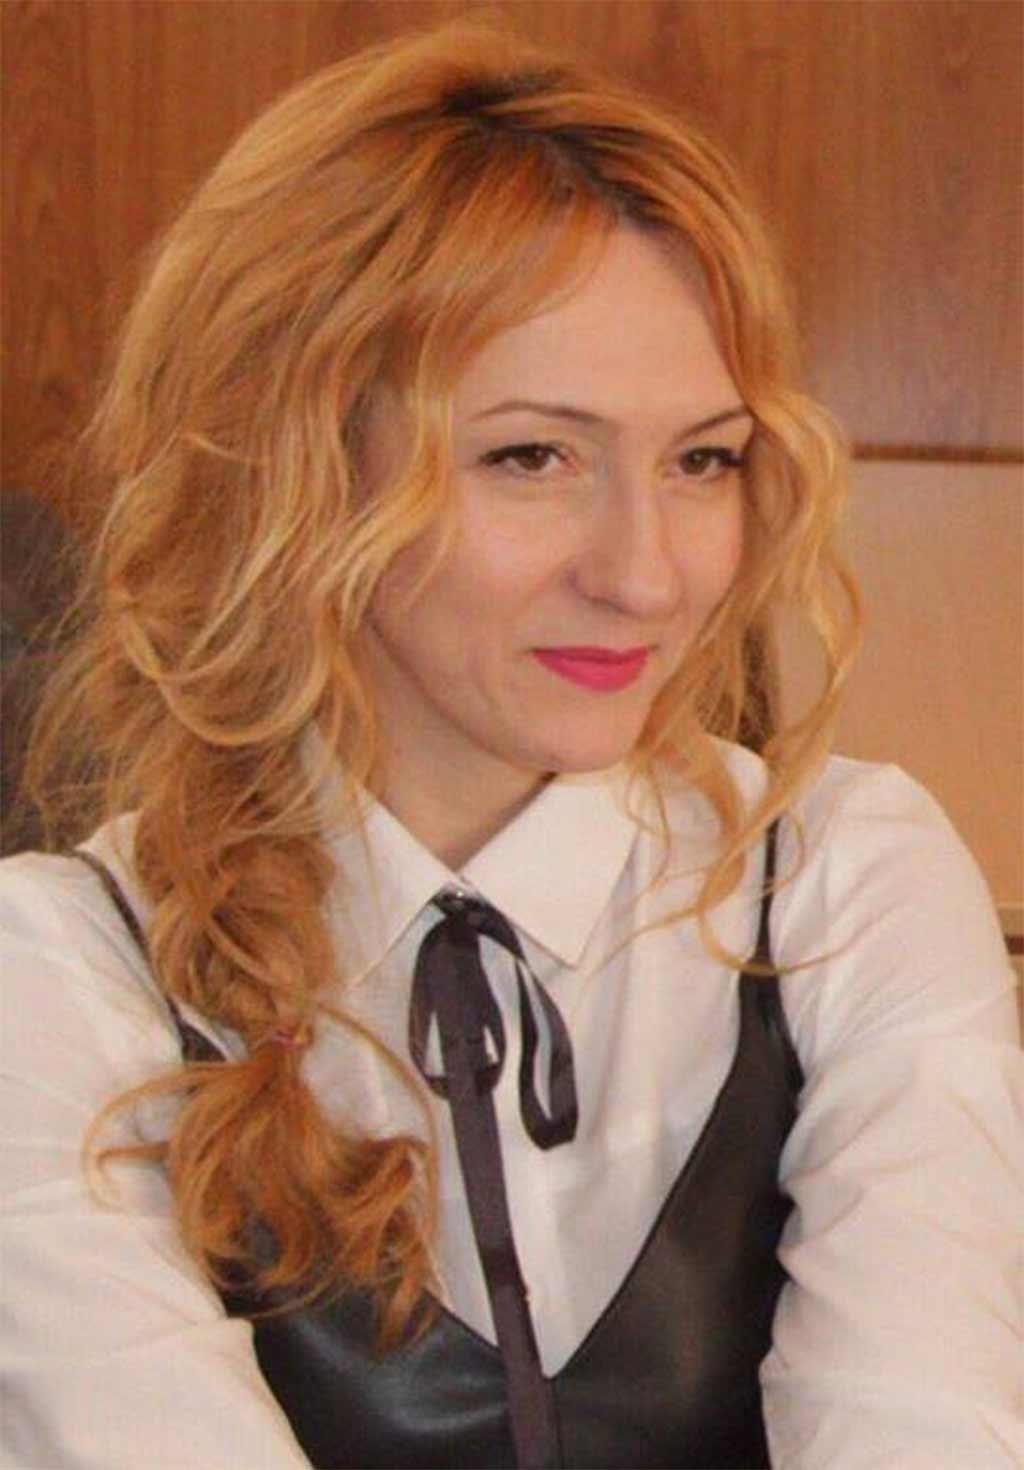 Випускниця університету - Наталія Коваленко - перемогла у конкурсі на посаду судді Верховного Суду